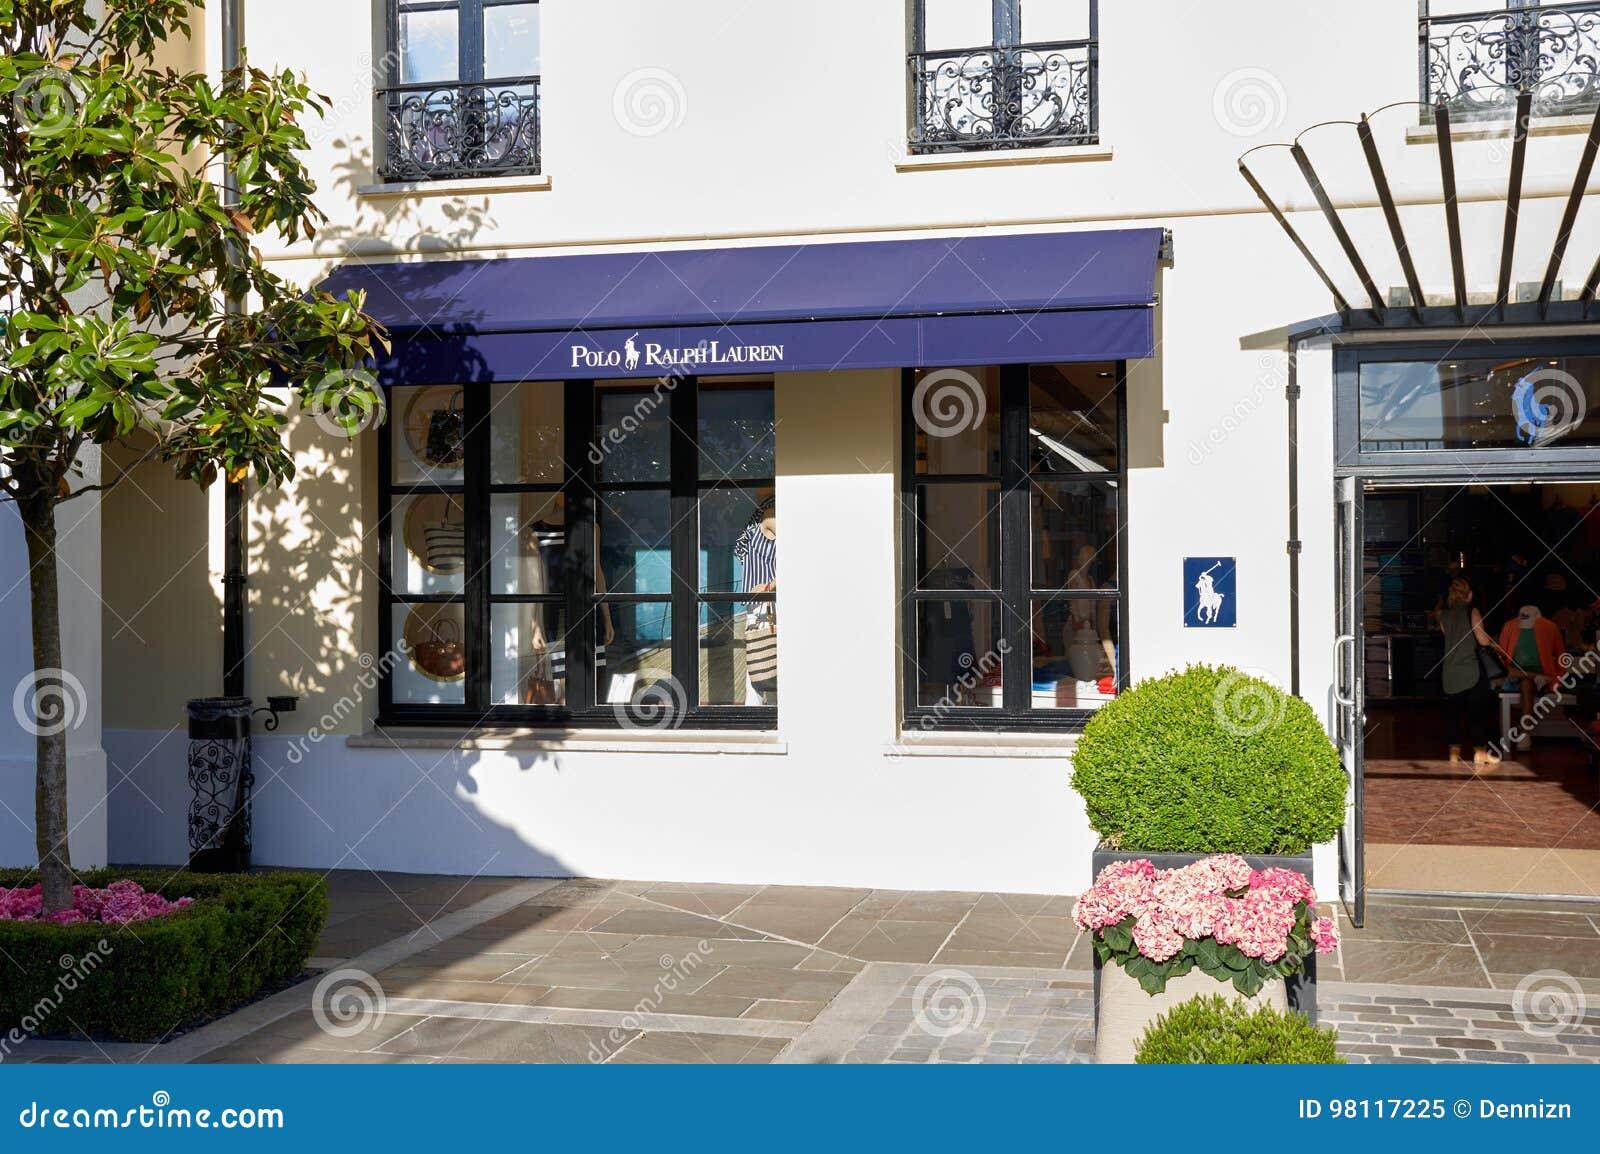 Polo Ralph Lauren Boutique In La Vallee Village. Editorial Image ... 2cb4fad2e79